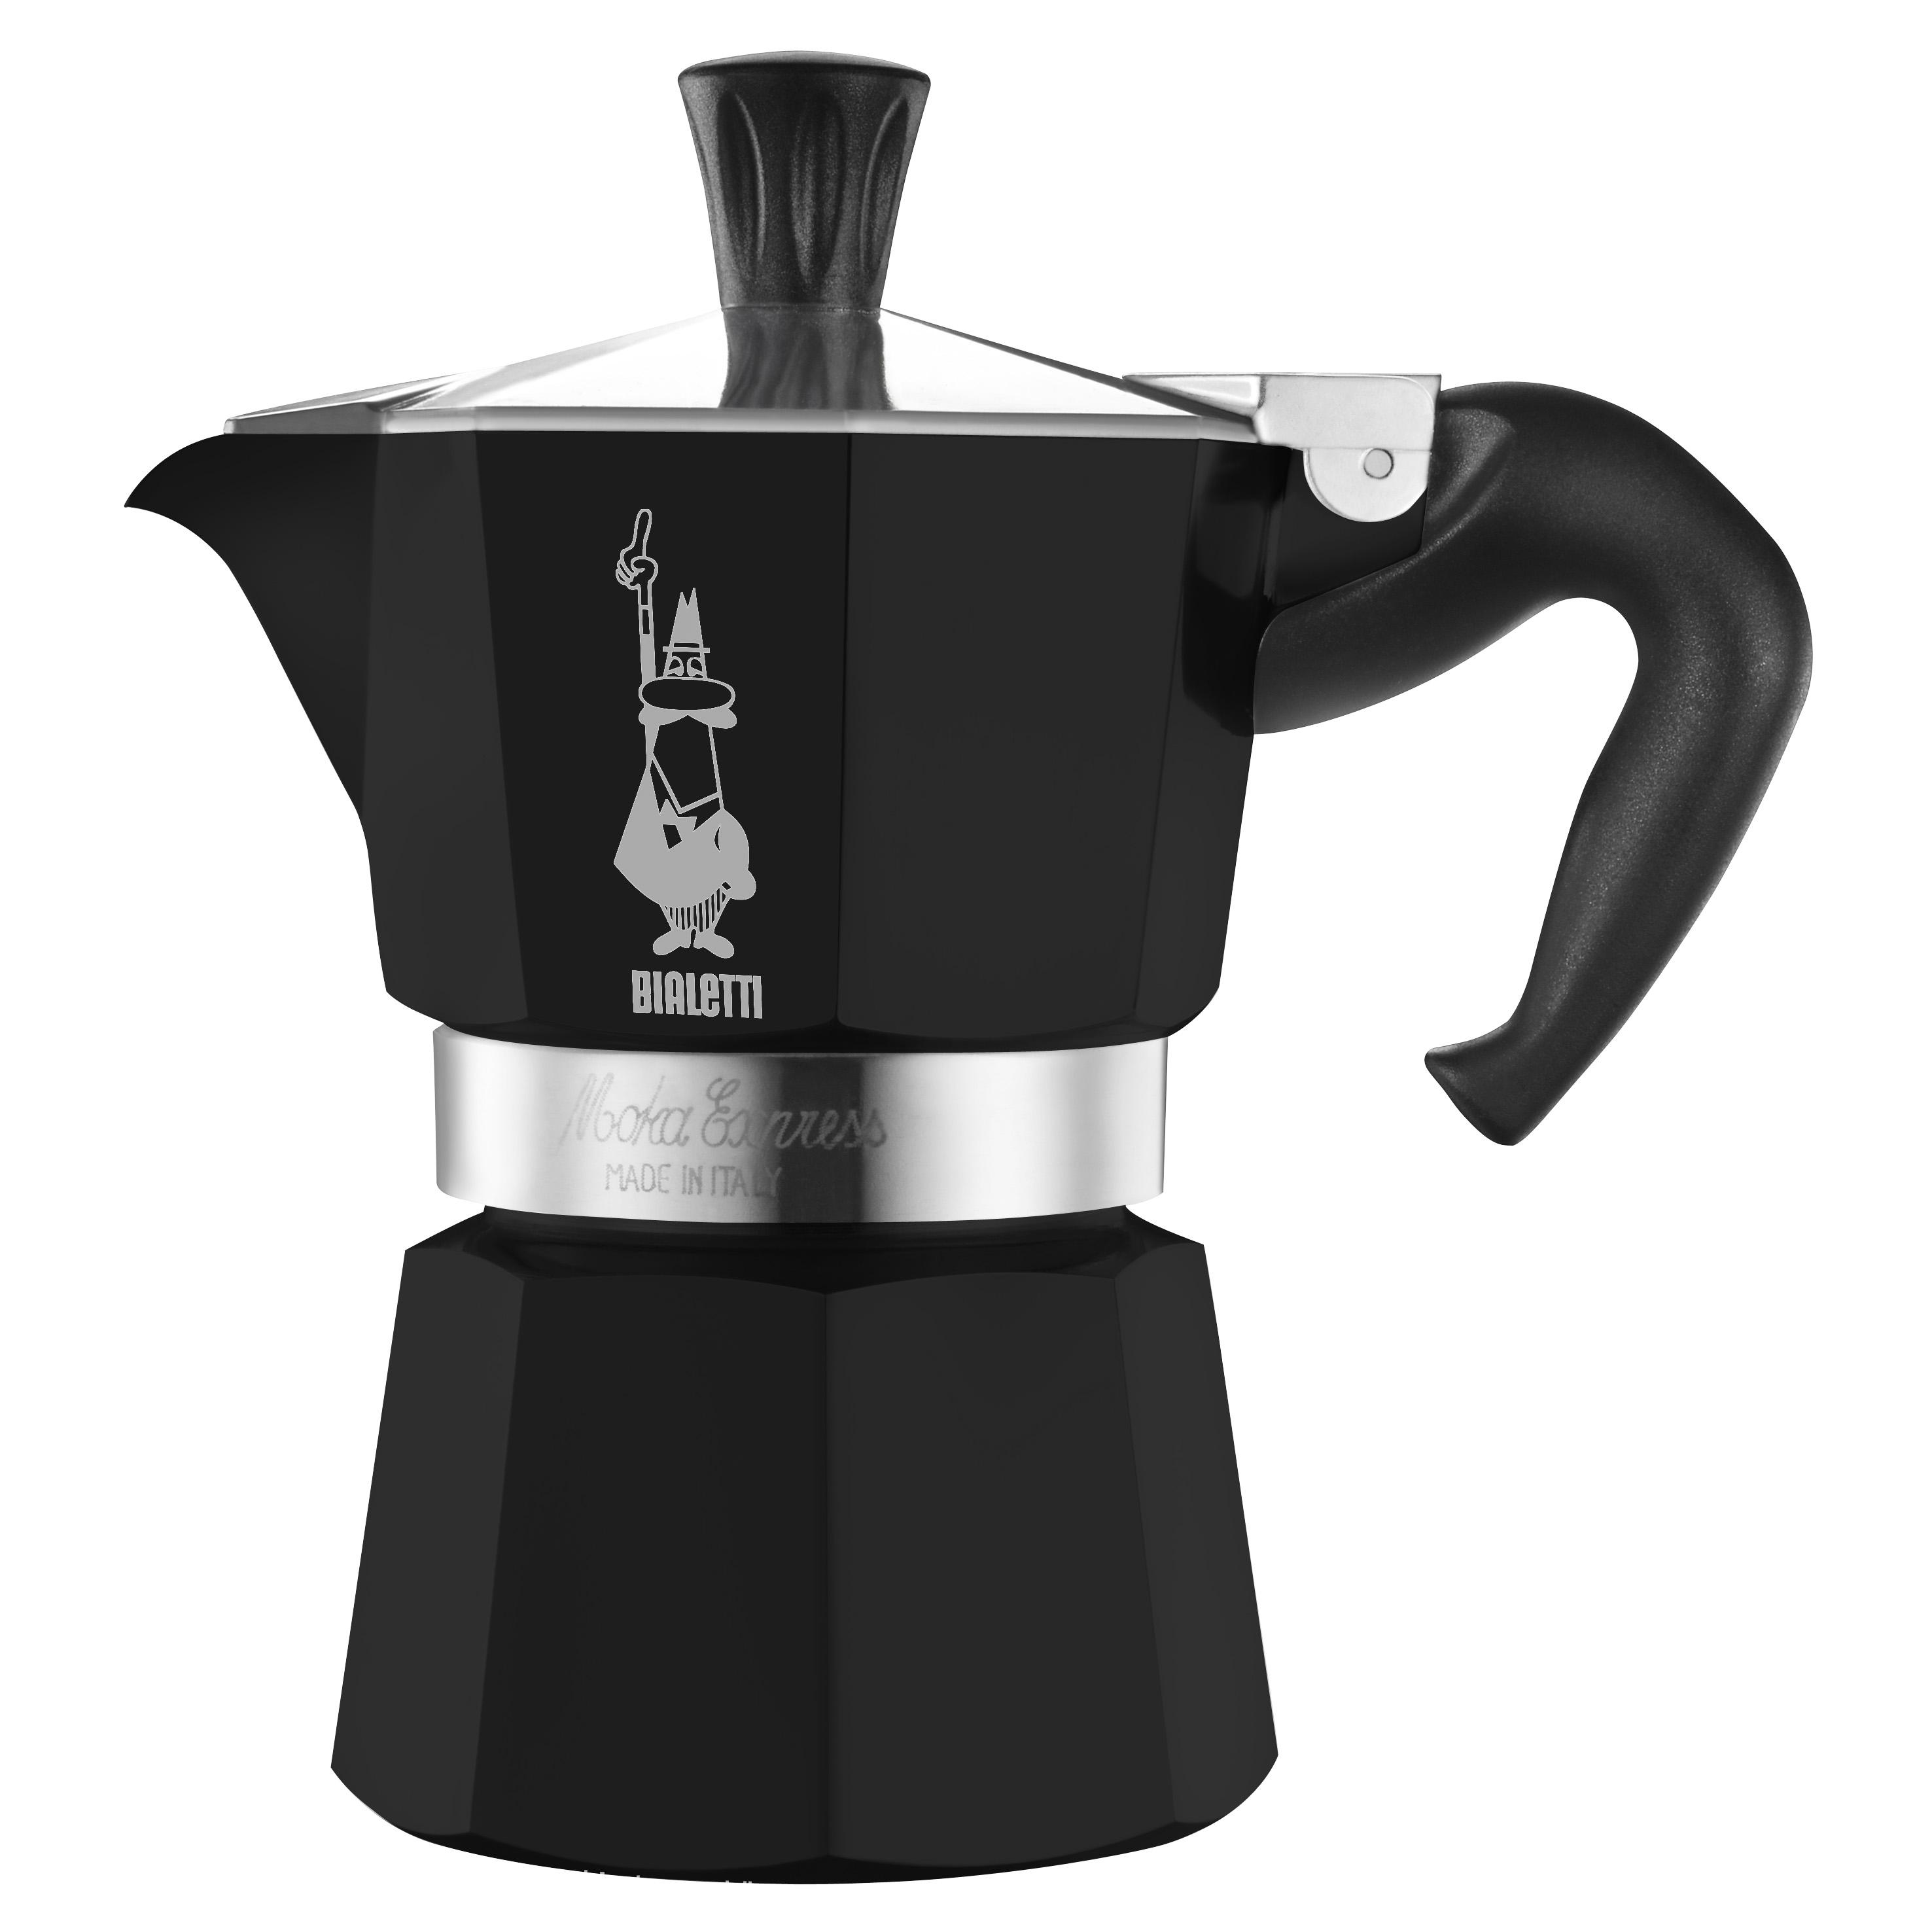 Кофеварка Bialetti Moka express 6 п. 3753 б/к BlackКофеварки и кофемашины<br><br><br>Тип : гейзерная кофеварка<br>Тип используемого кофе: Молотый<br>Объем, л: 0,24<br>Материал корпуса  : Металл